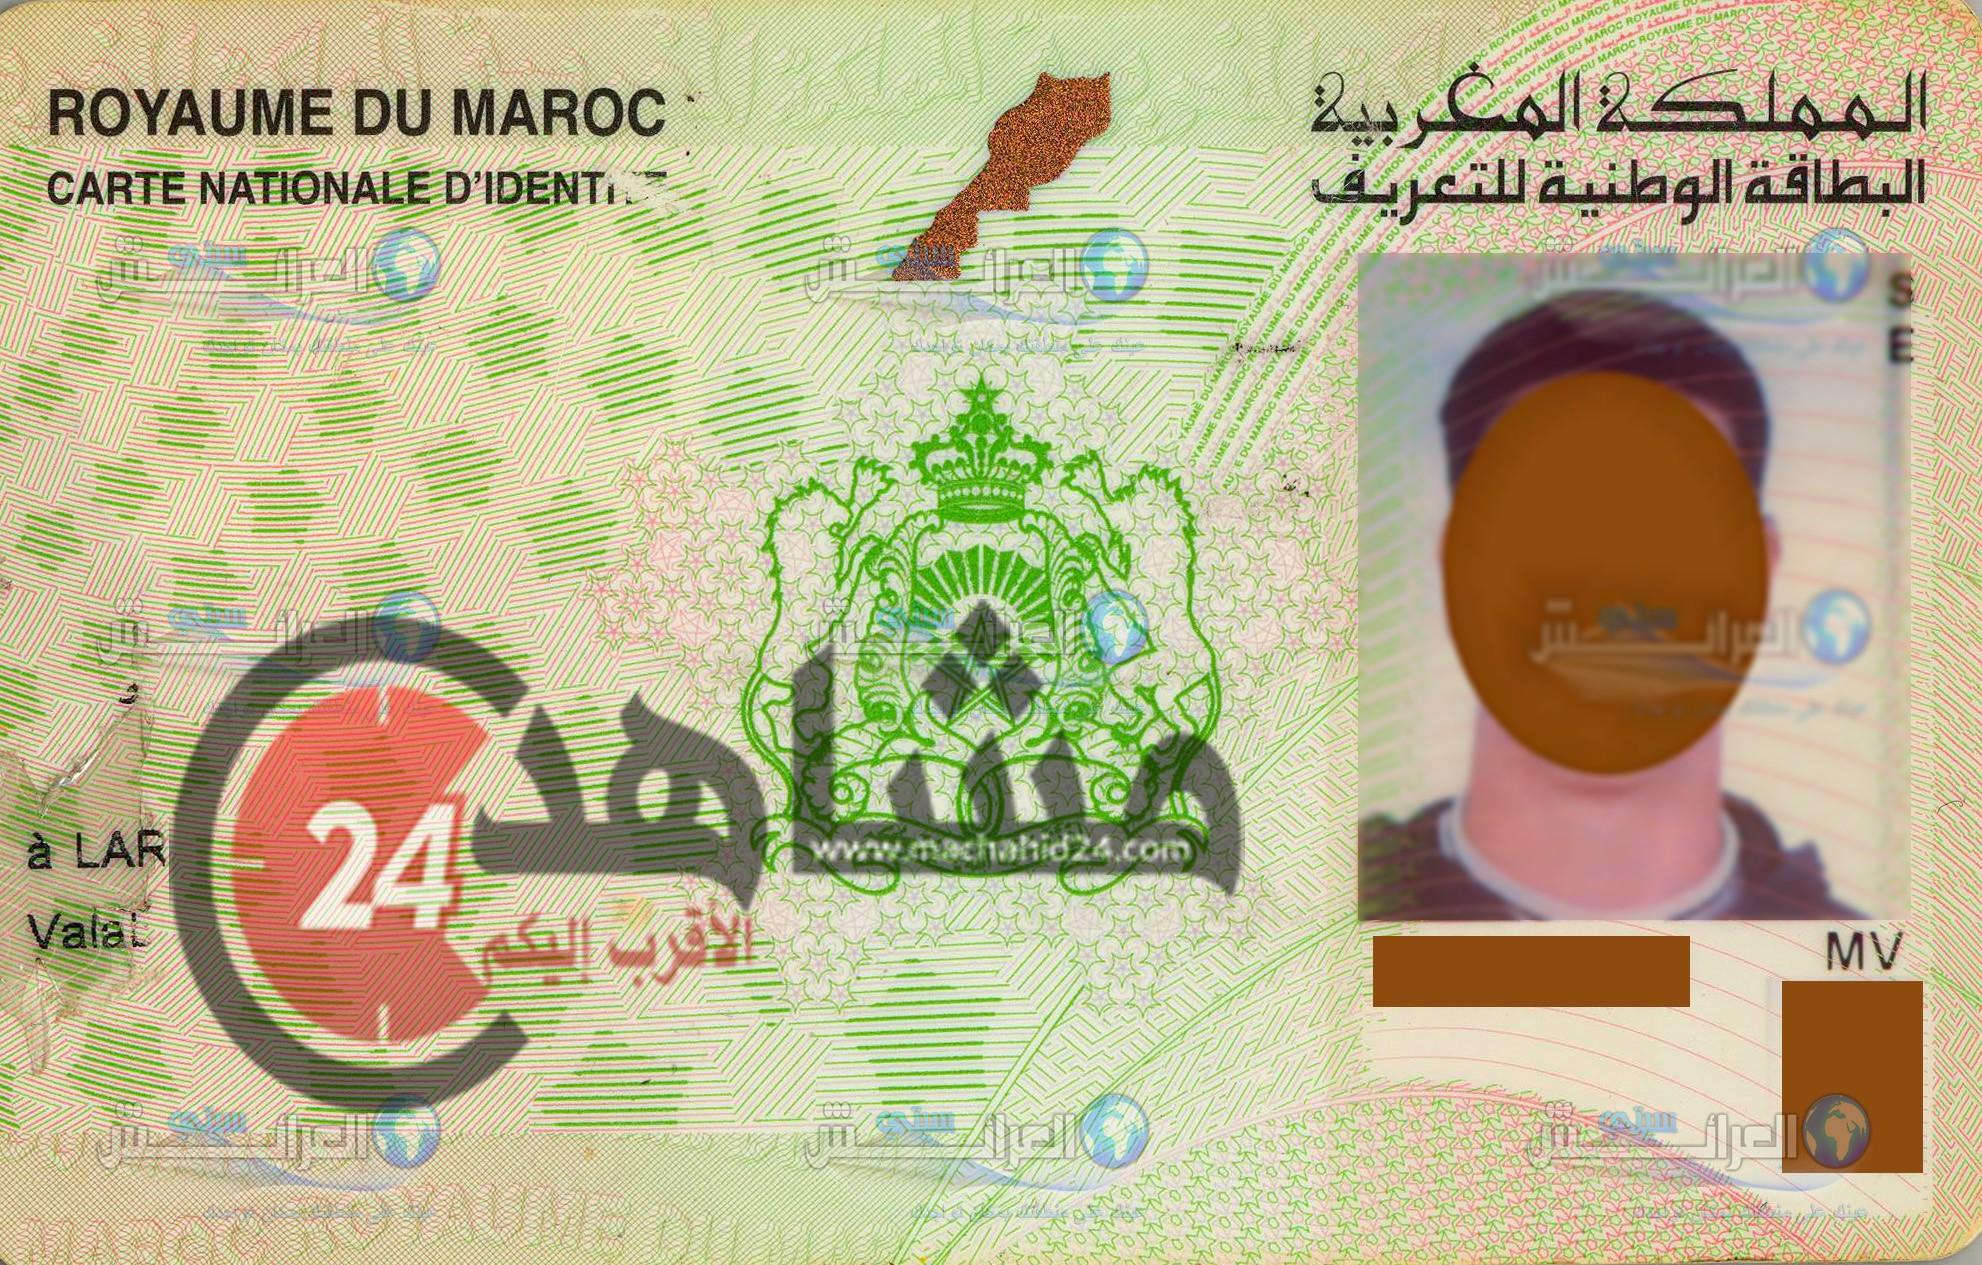 جميع المغاربة مطالبون بتغيير بطائقهم الوطنية، بسبب